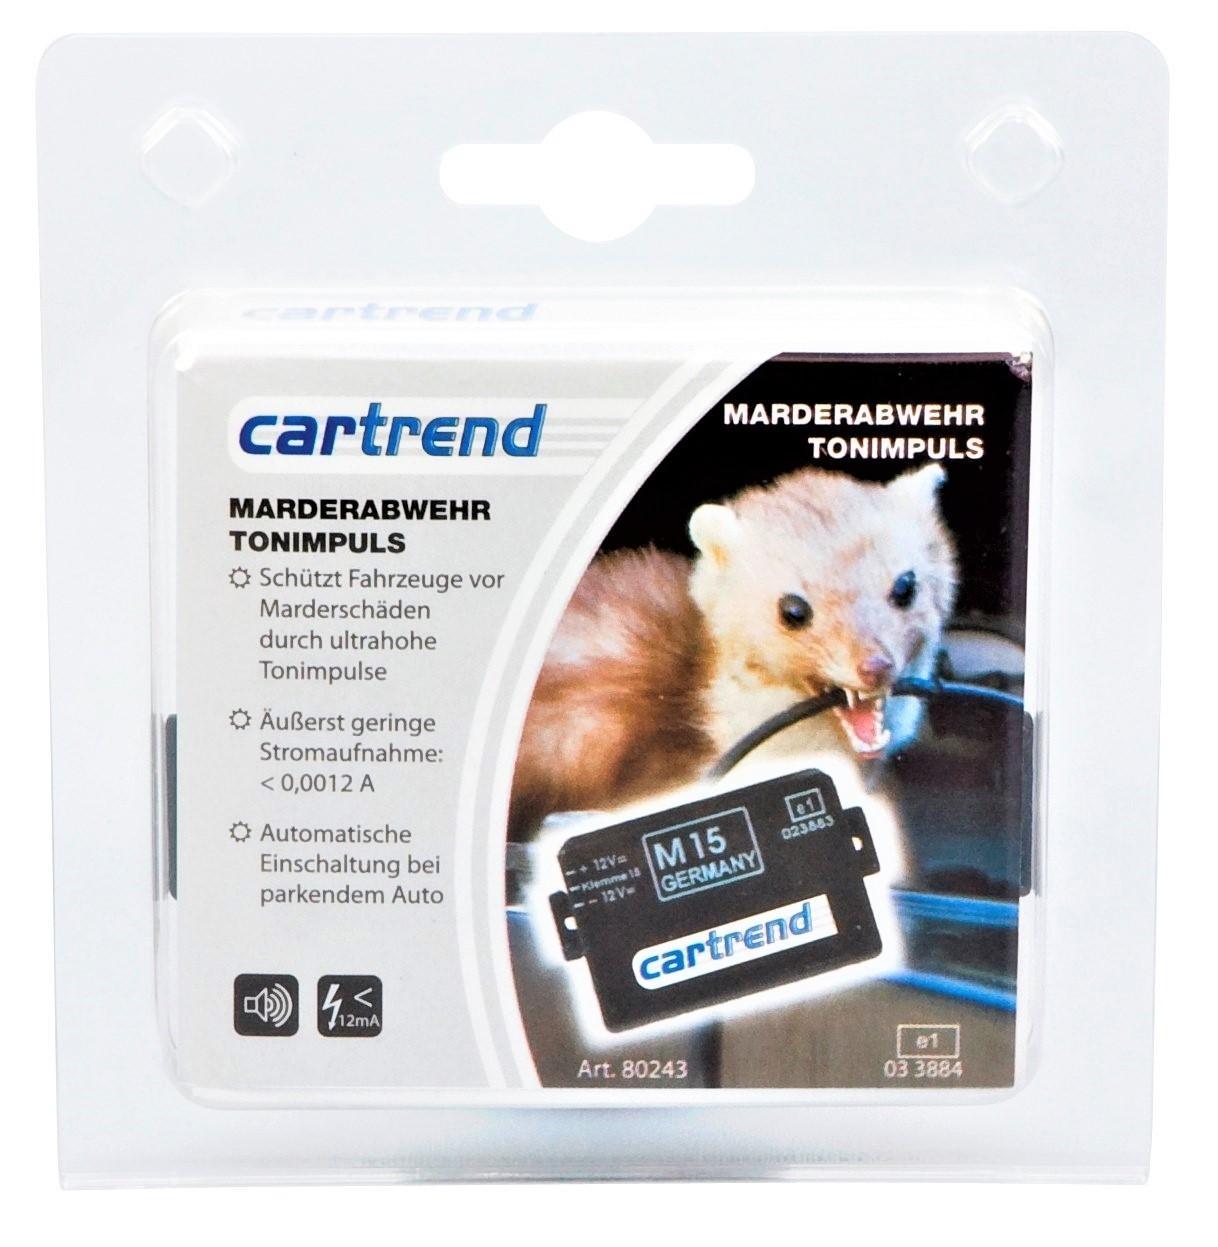 80243 CARTREND M15 Marderschutz 80243 günstig kaufen